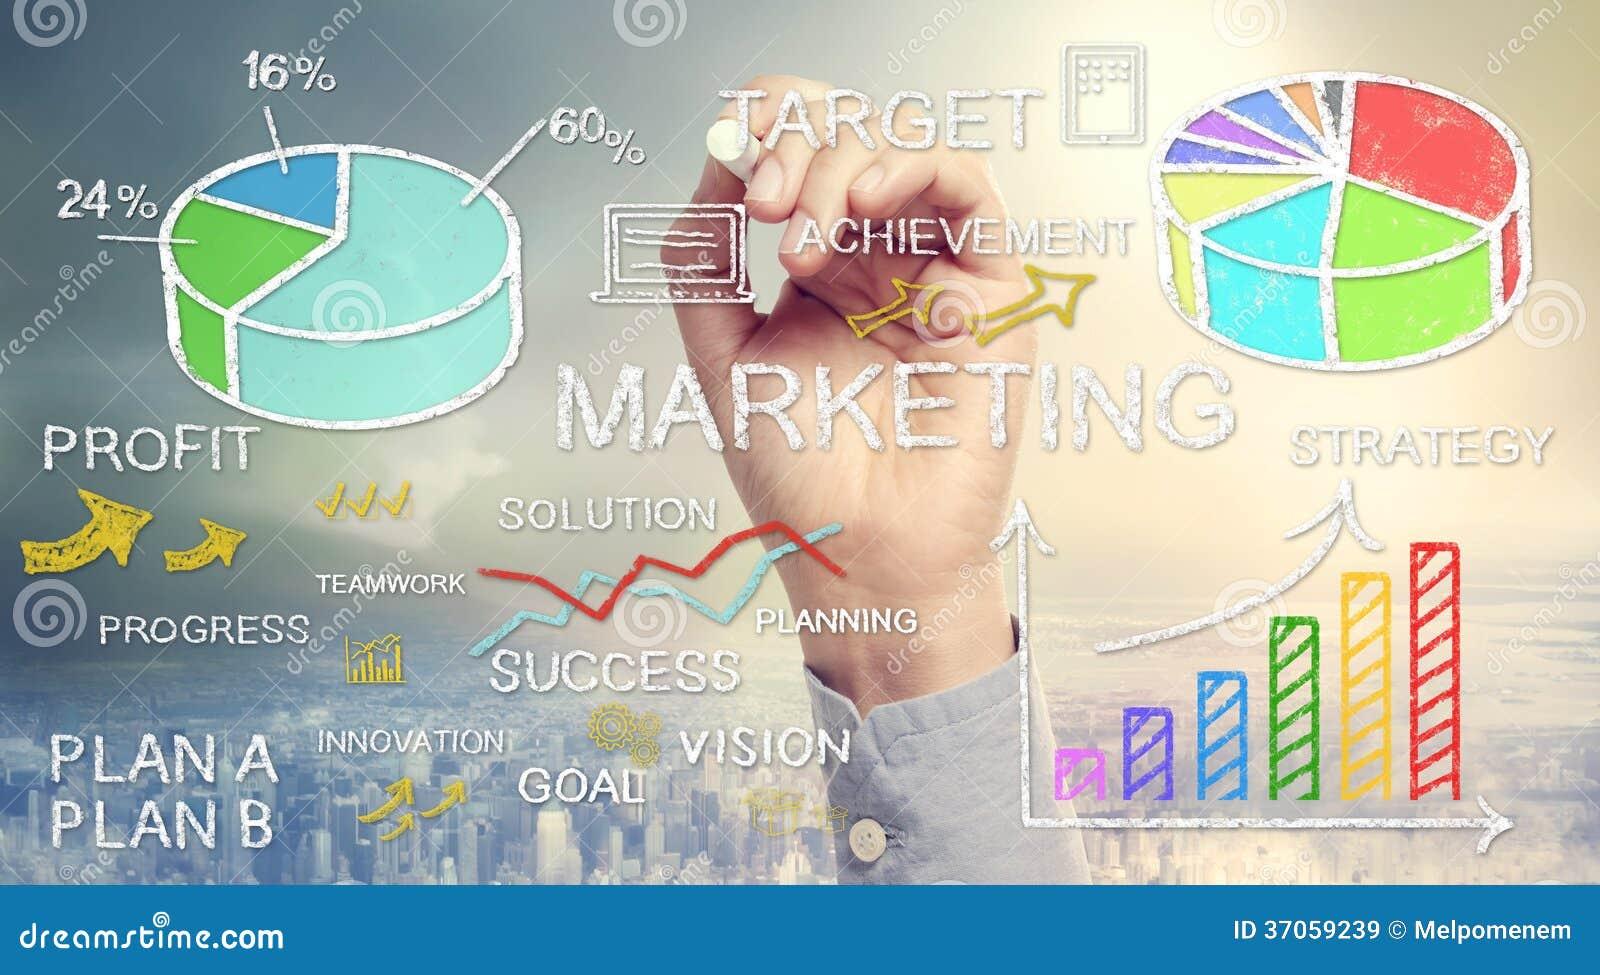 手图画企业营销概念